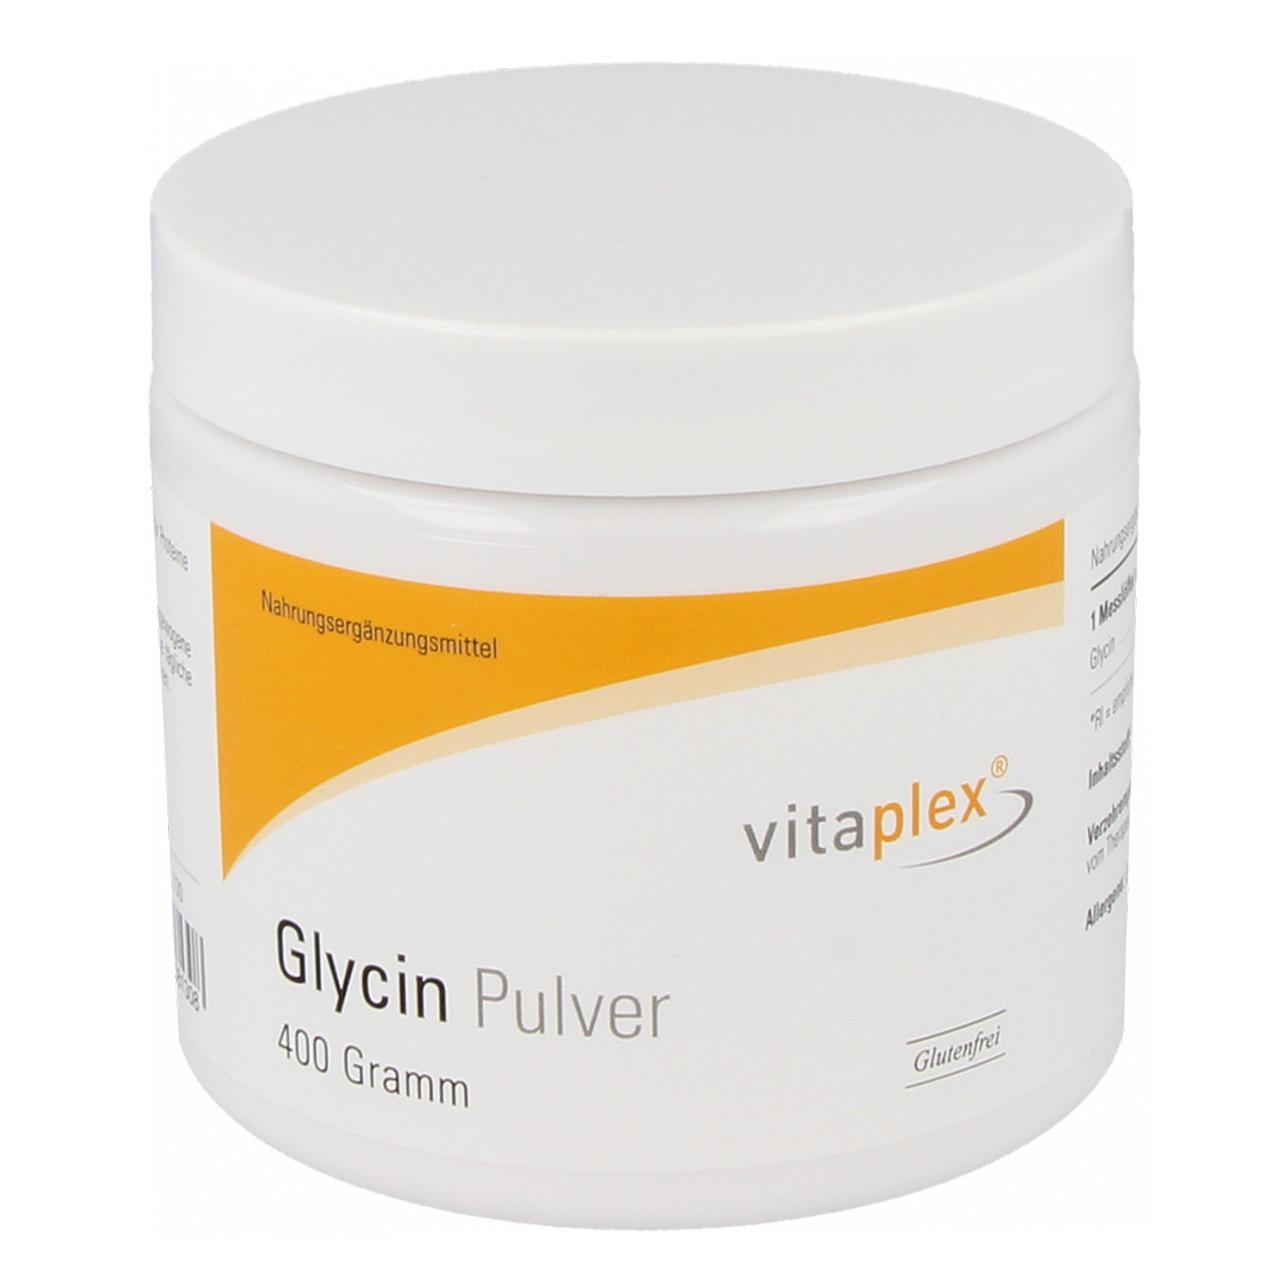 Vitaplex Glycine 400g Pulver